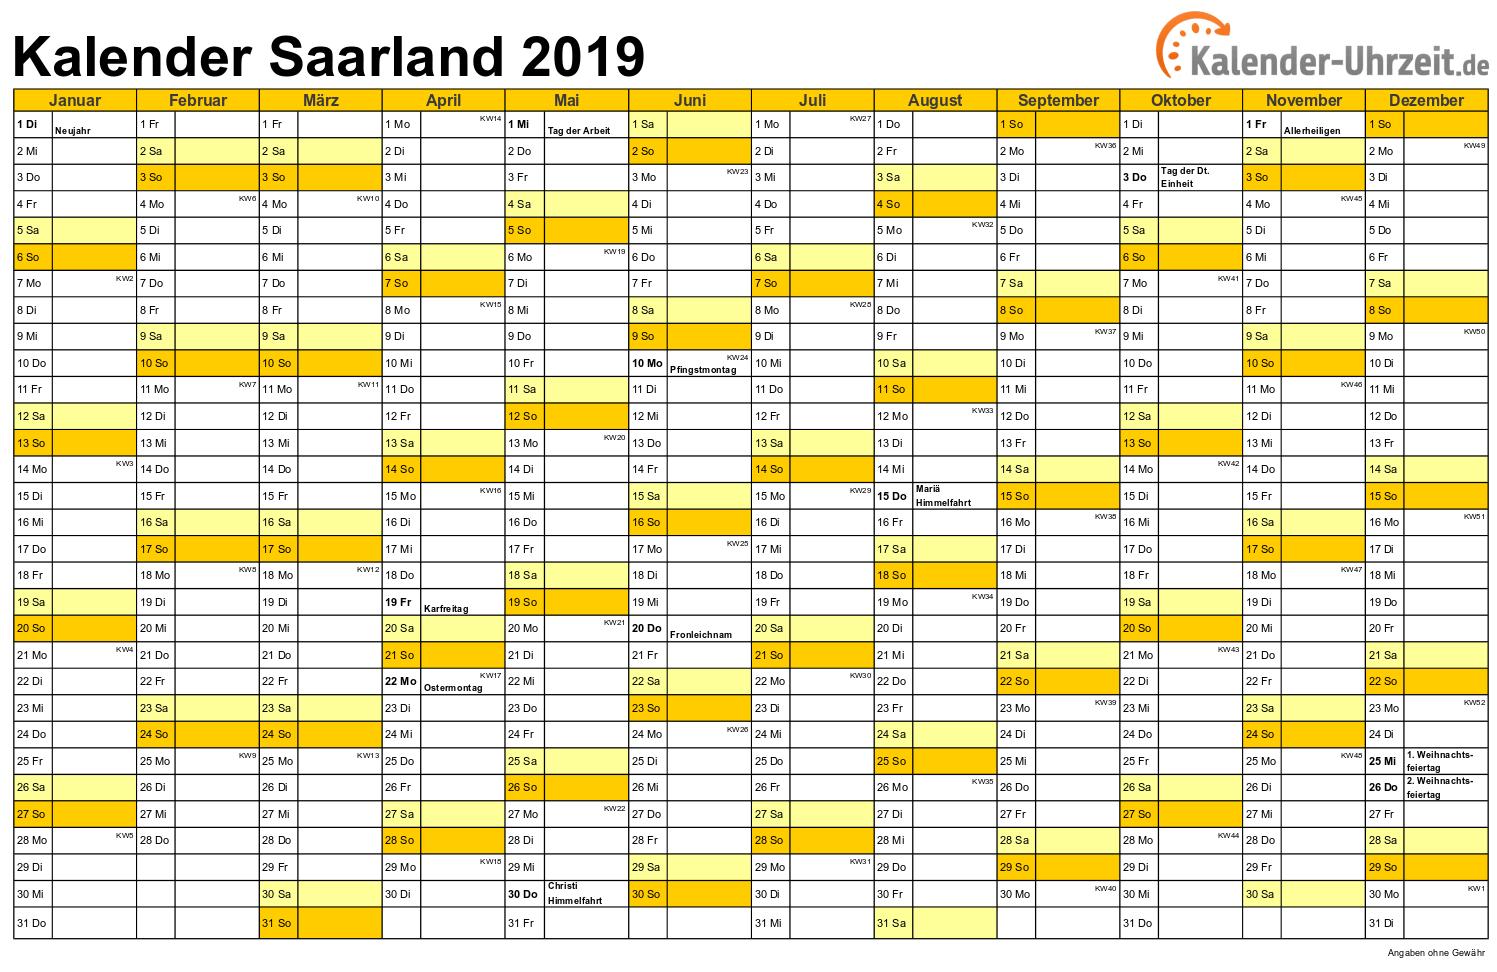 Saarland Kalender 2019 mit Feiertagen - quer-einseitig